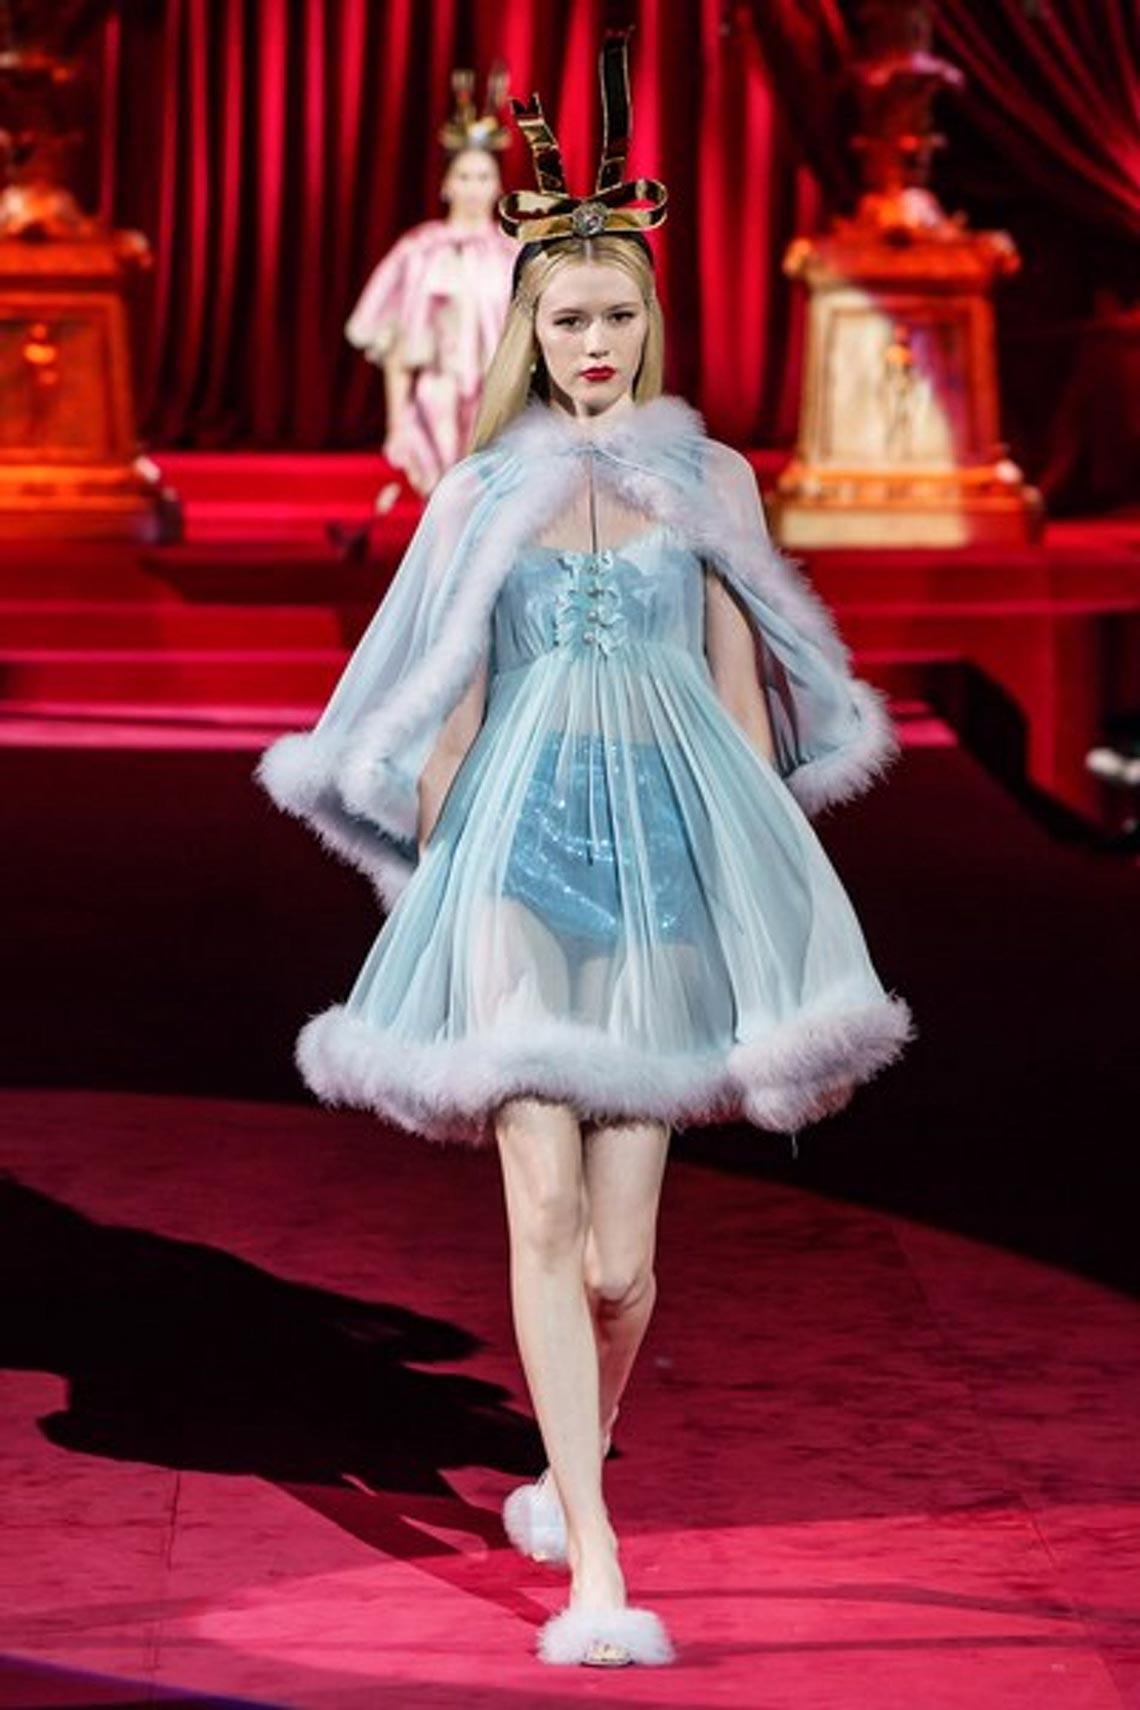 Bộ sưu tập Thu - Đông 2019 của Dolce & Gabbana: một kiệt tác đầy tinh tế - 5